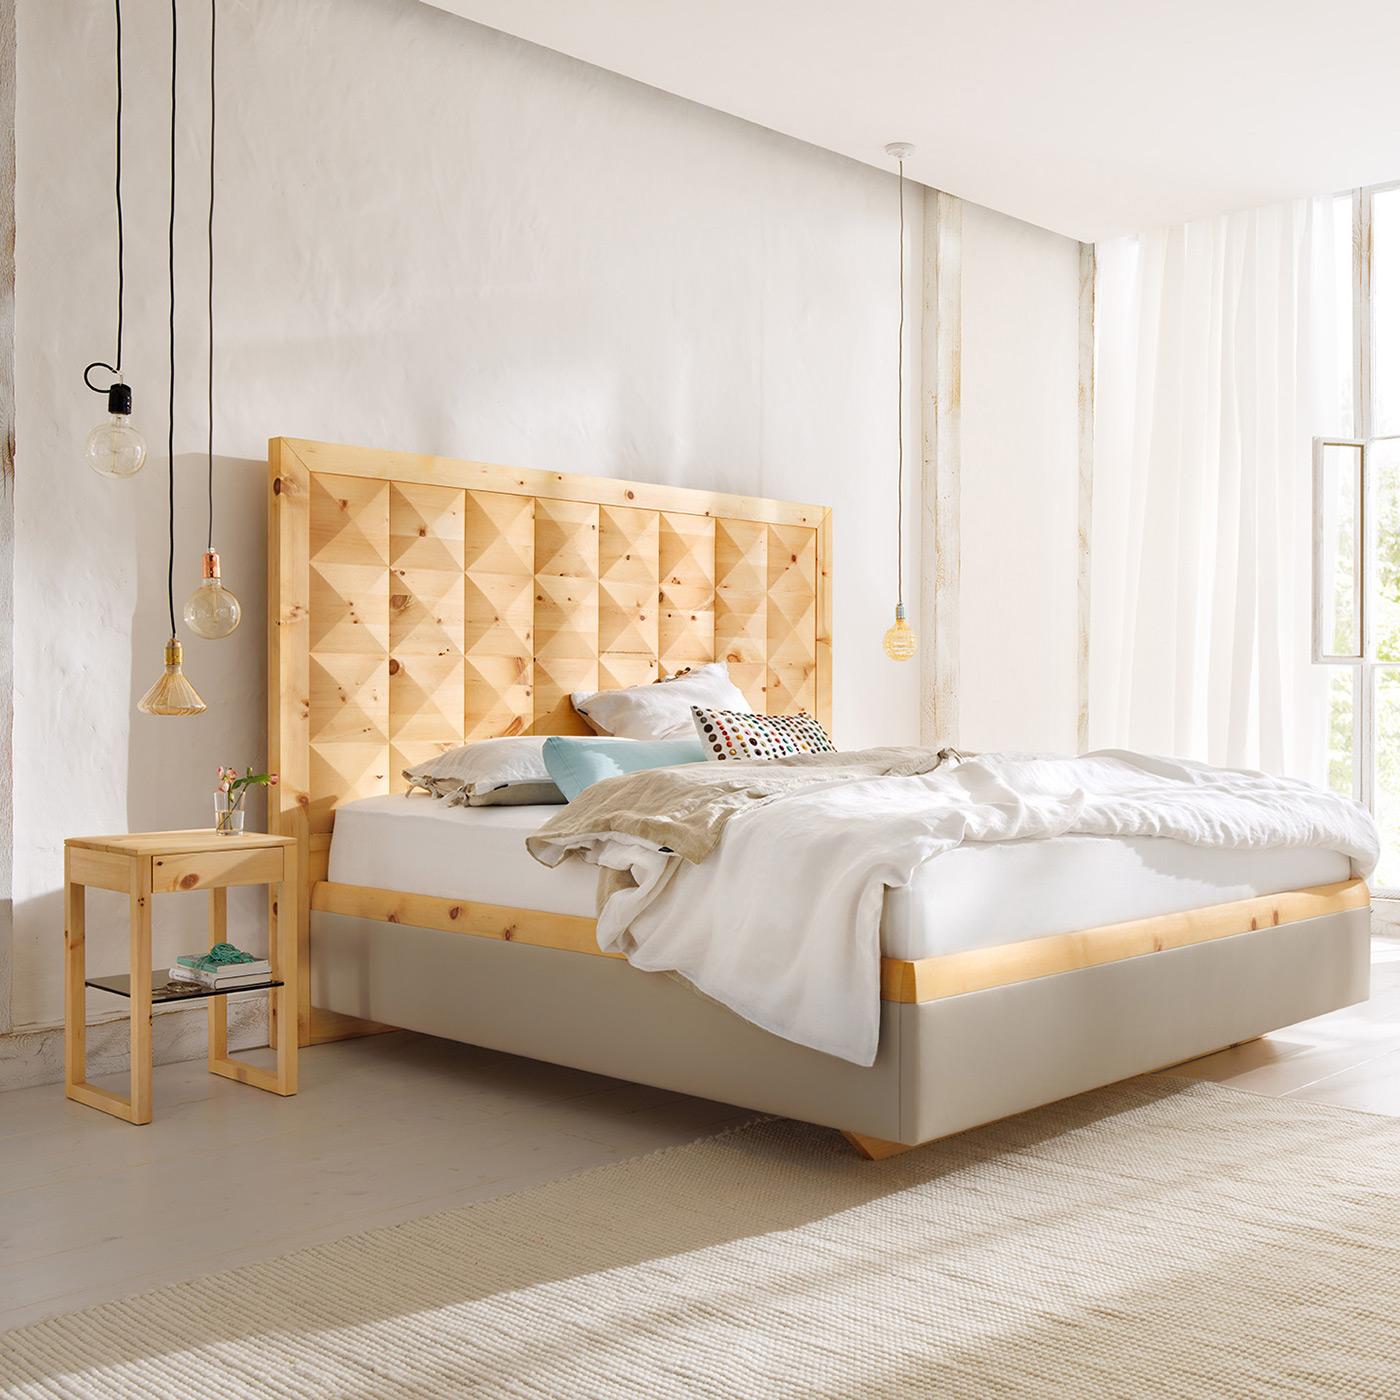 Schlafzimmermöbel online bestellen - Möbel Bär